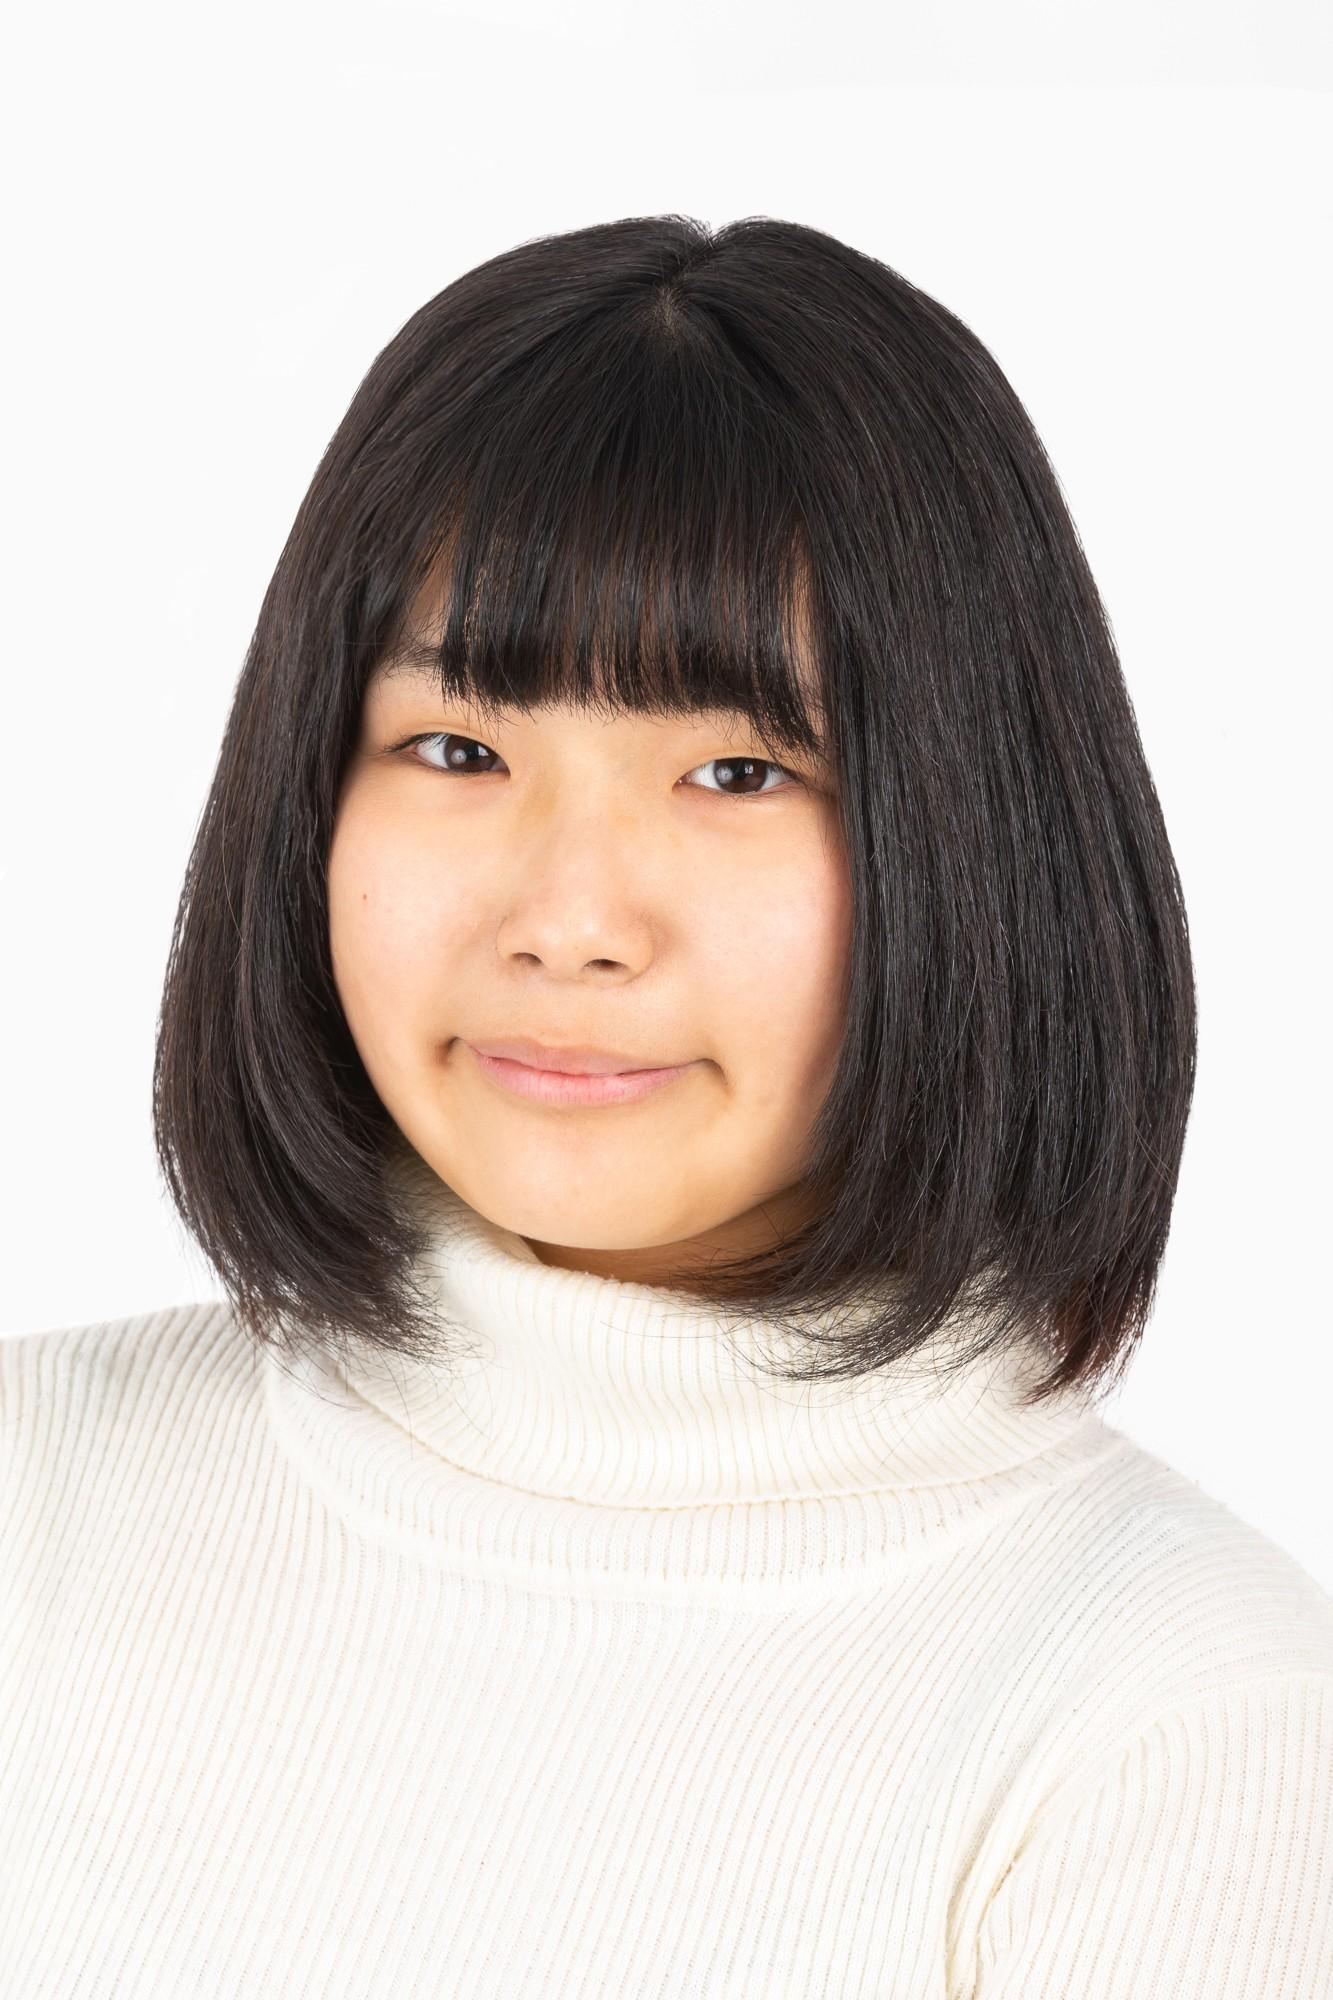 小野原蒼,OnoharaSora